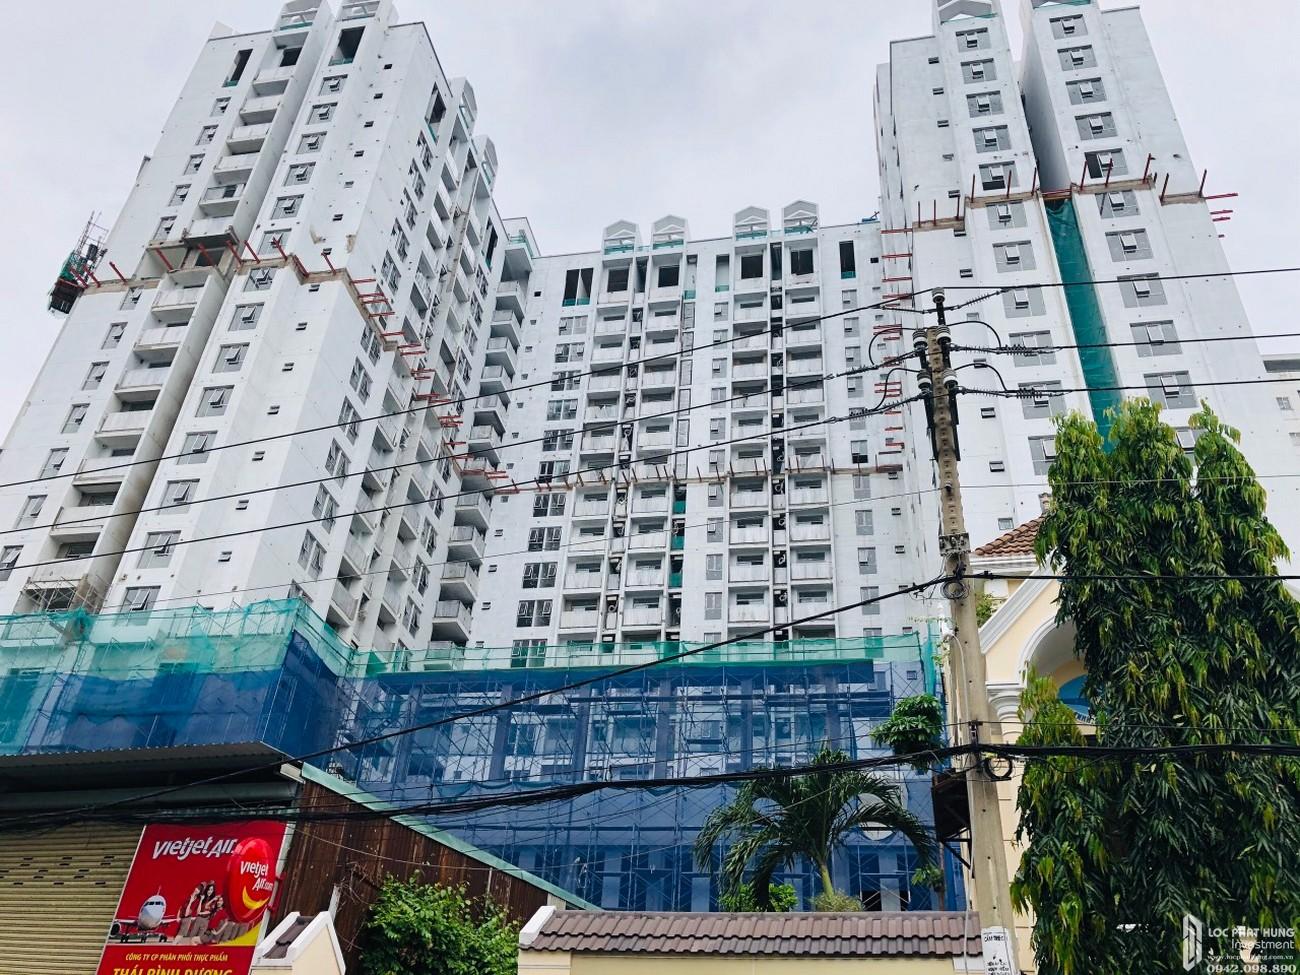 Tiến độ Asiana Capella dự án căn hộ chung cư Quận 6 tháng 12/2020 Đường 184 Trần Văn Kiểu chủ đầu tư Gotec Land